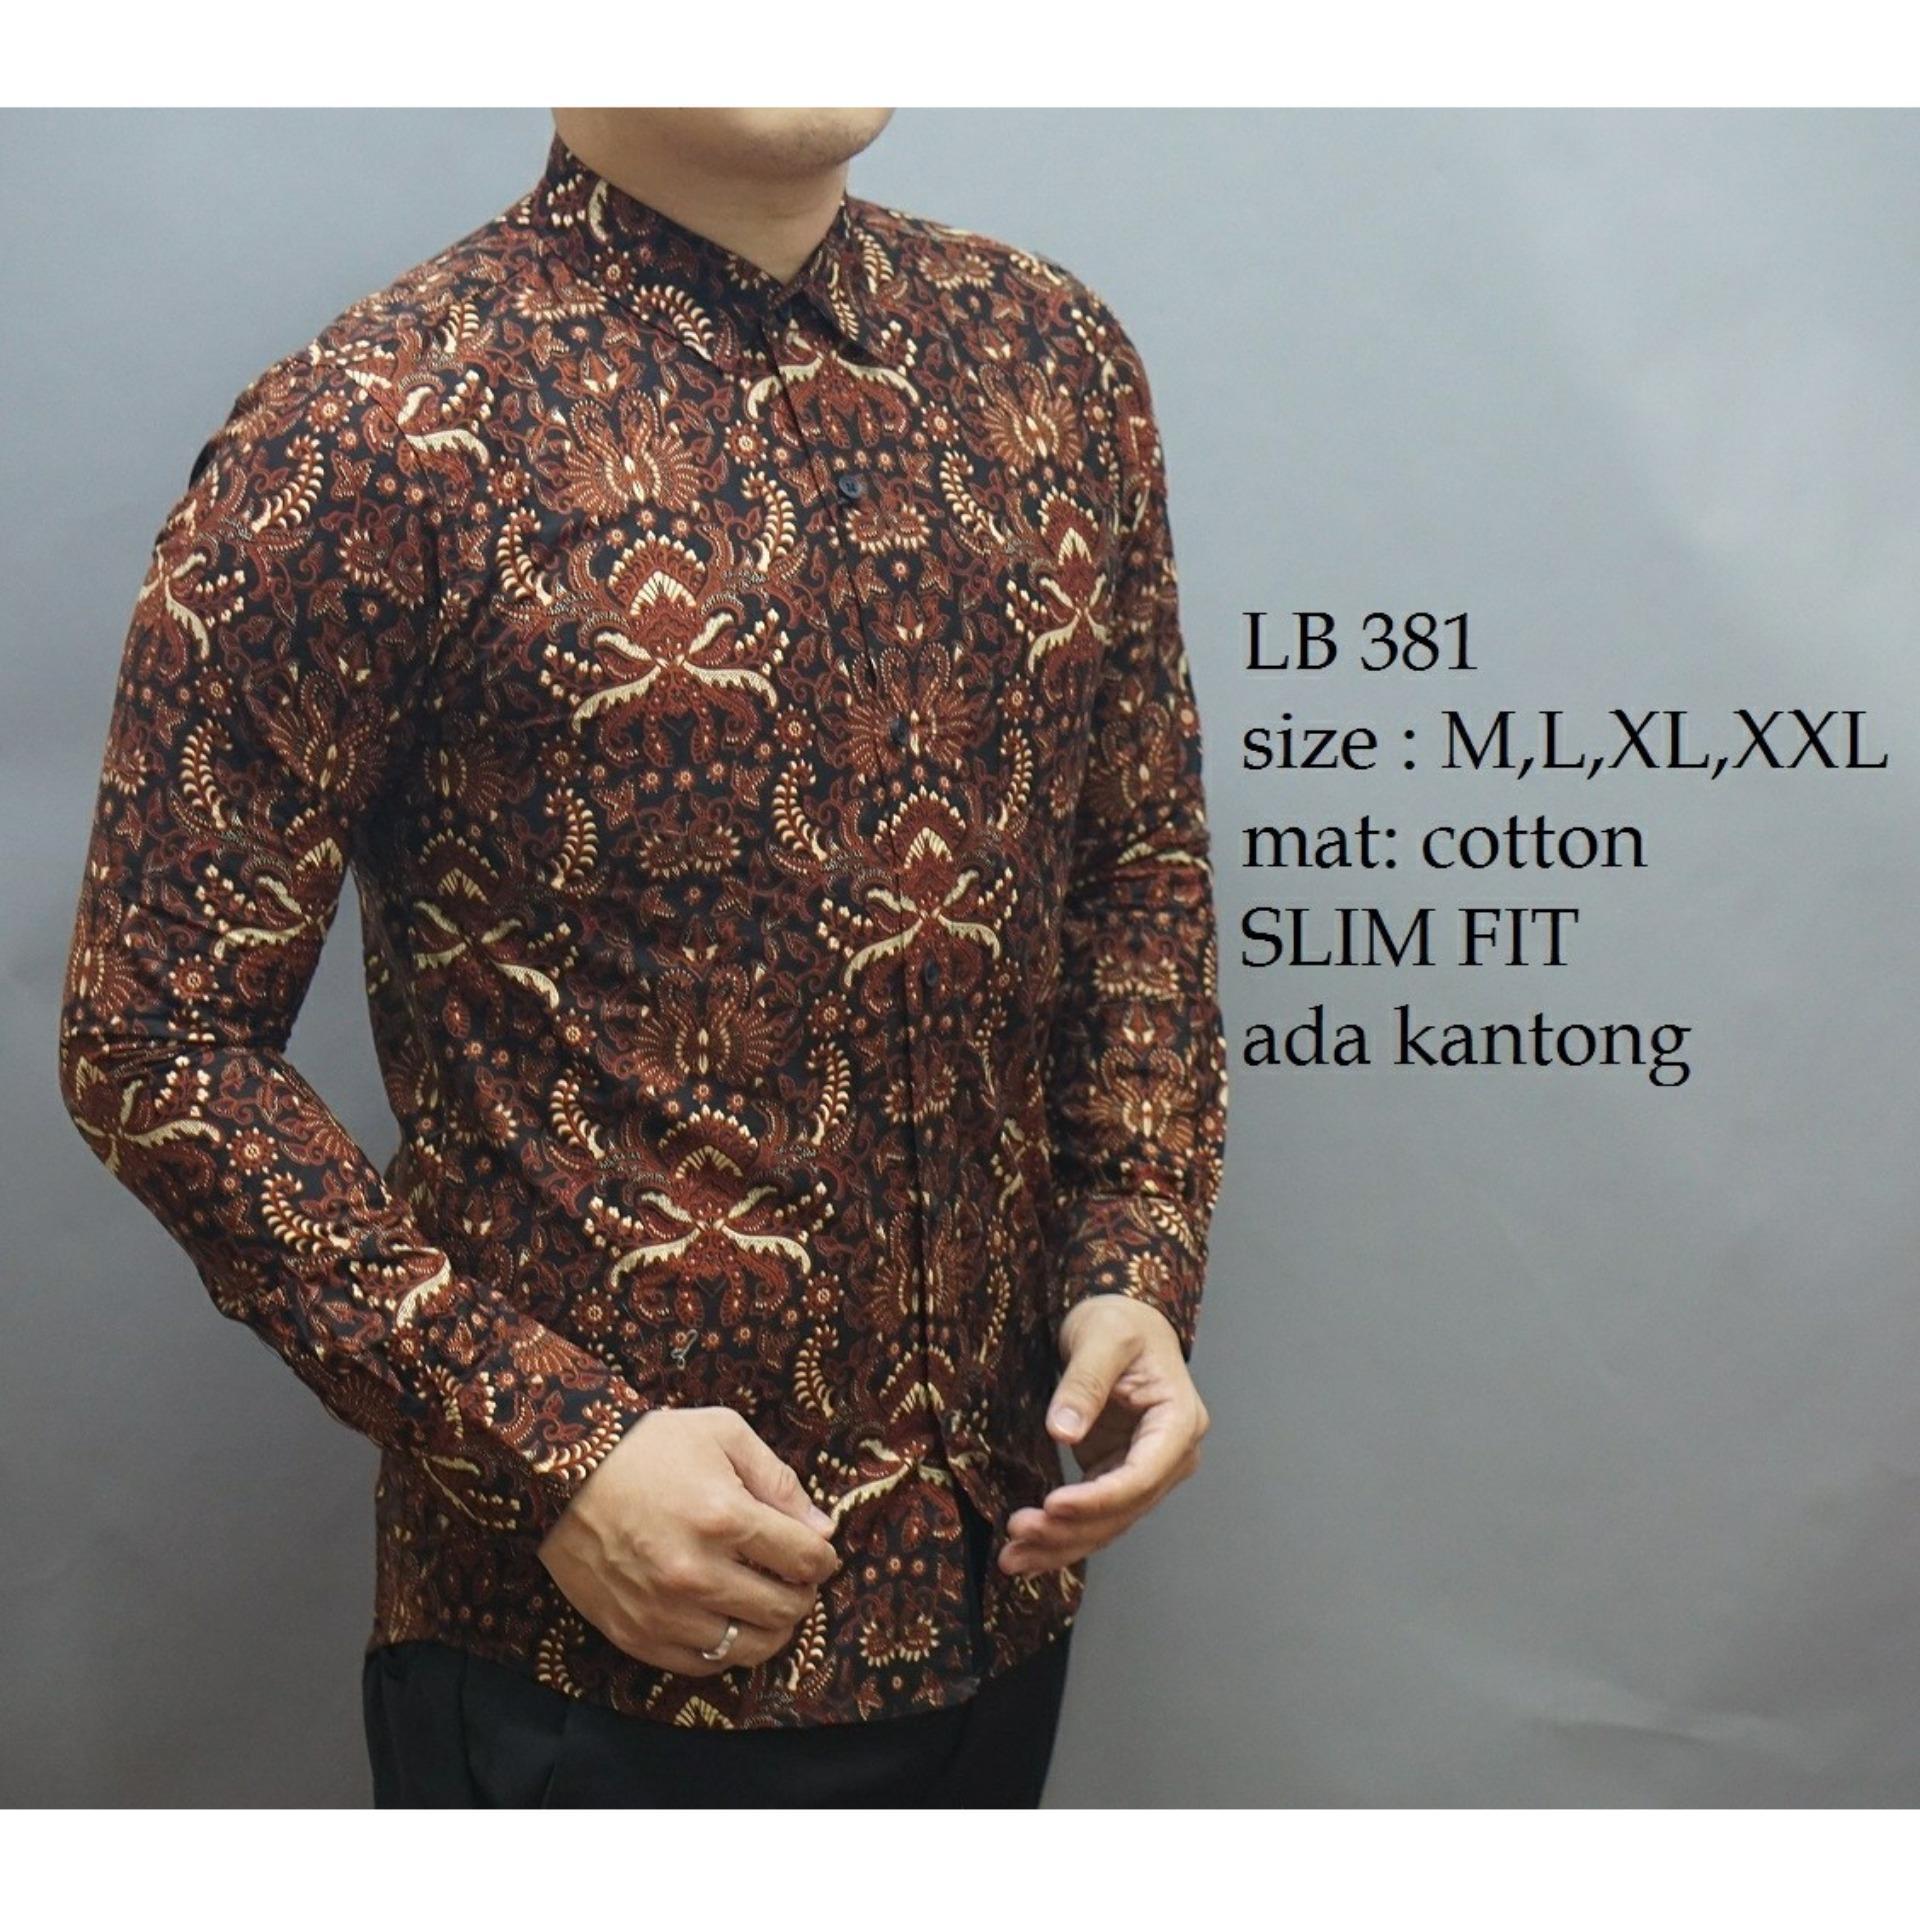 Batik D 567 Baju Batik Pria- Kemeja Pria Slim Fit Lengan Panjang Keren-Batik Pria